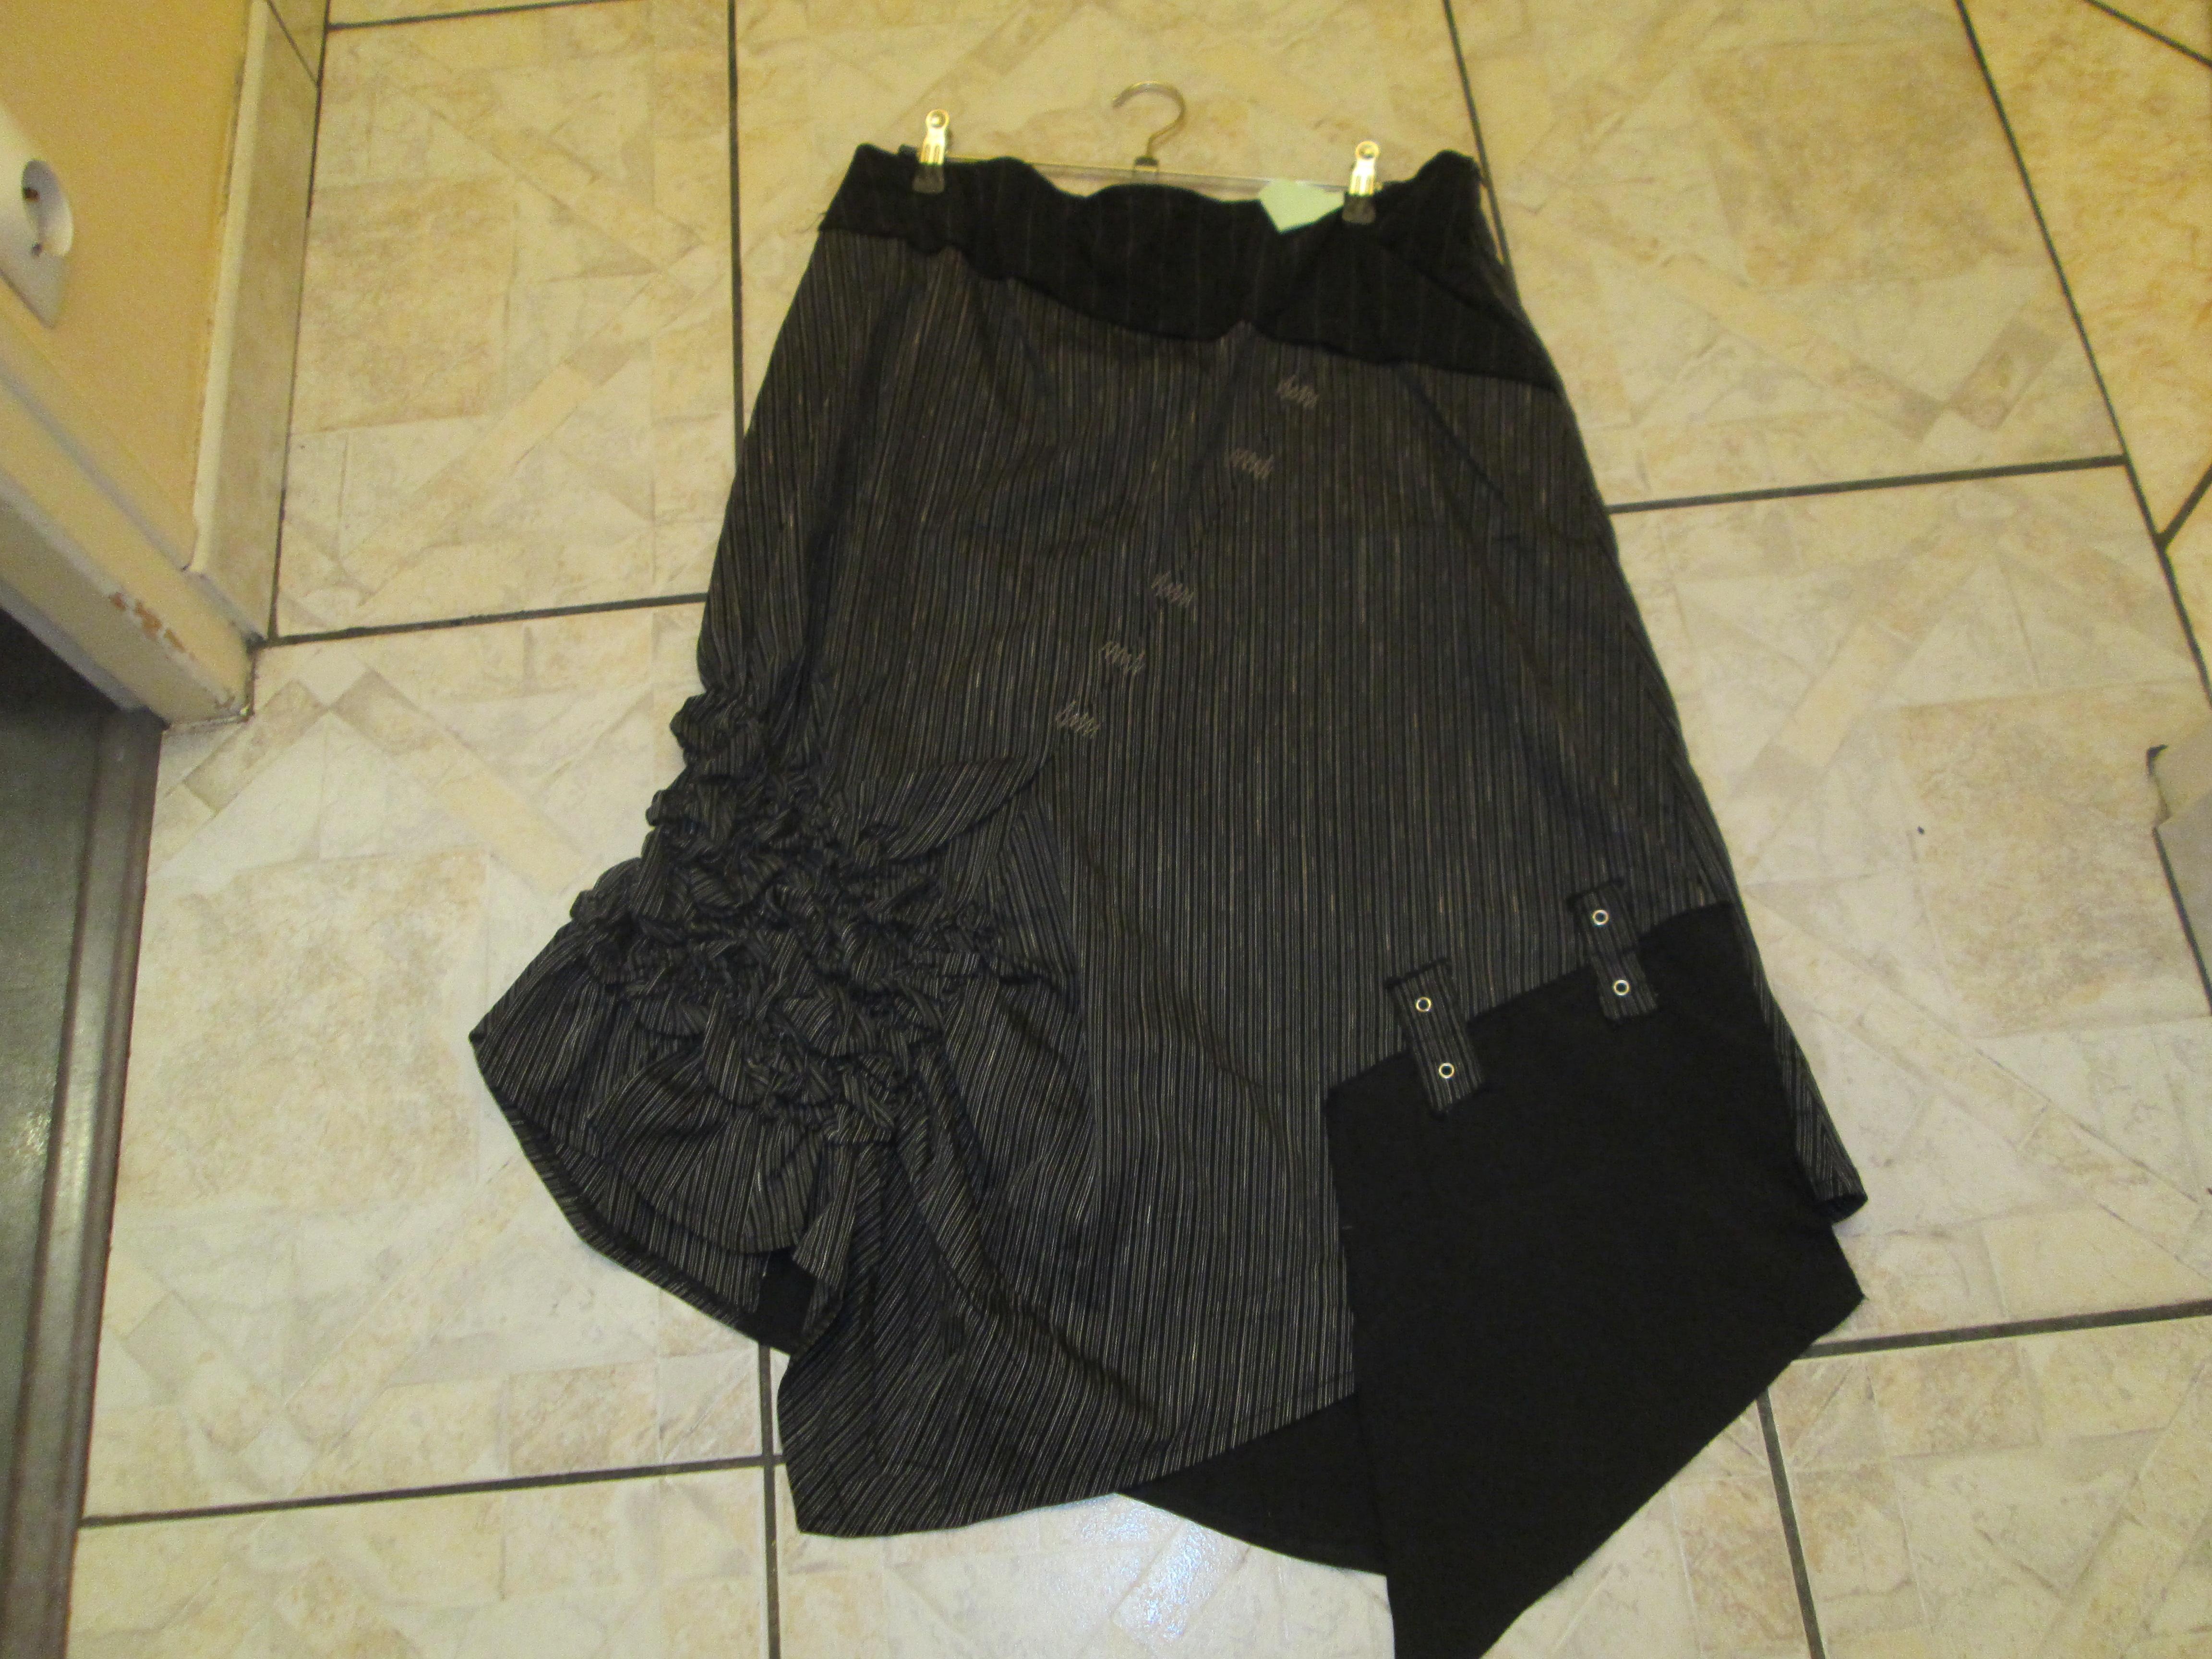 troc de troc jupe noir    neuve asymétrique  taille 44 15 noisettes image 0